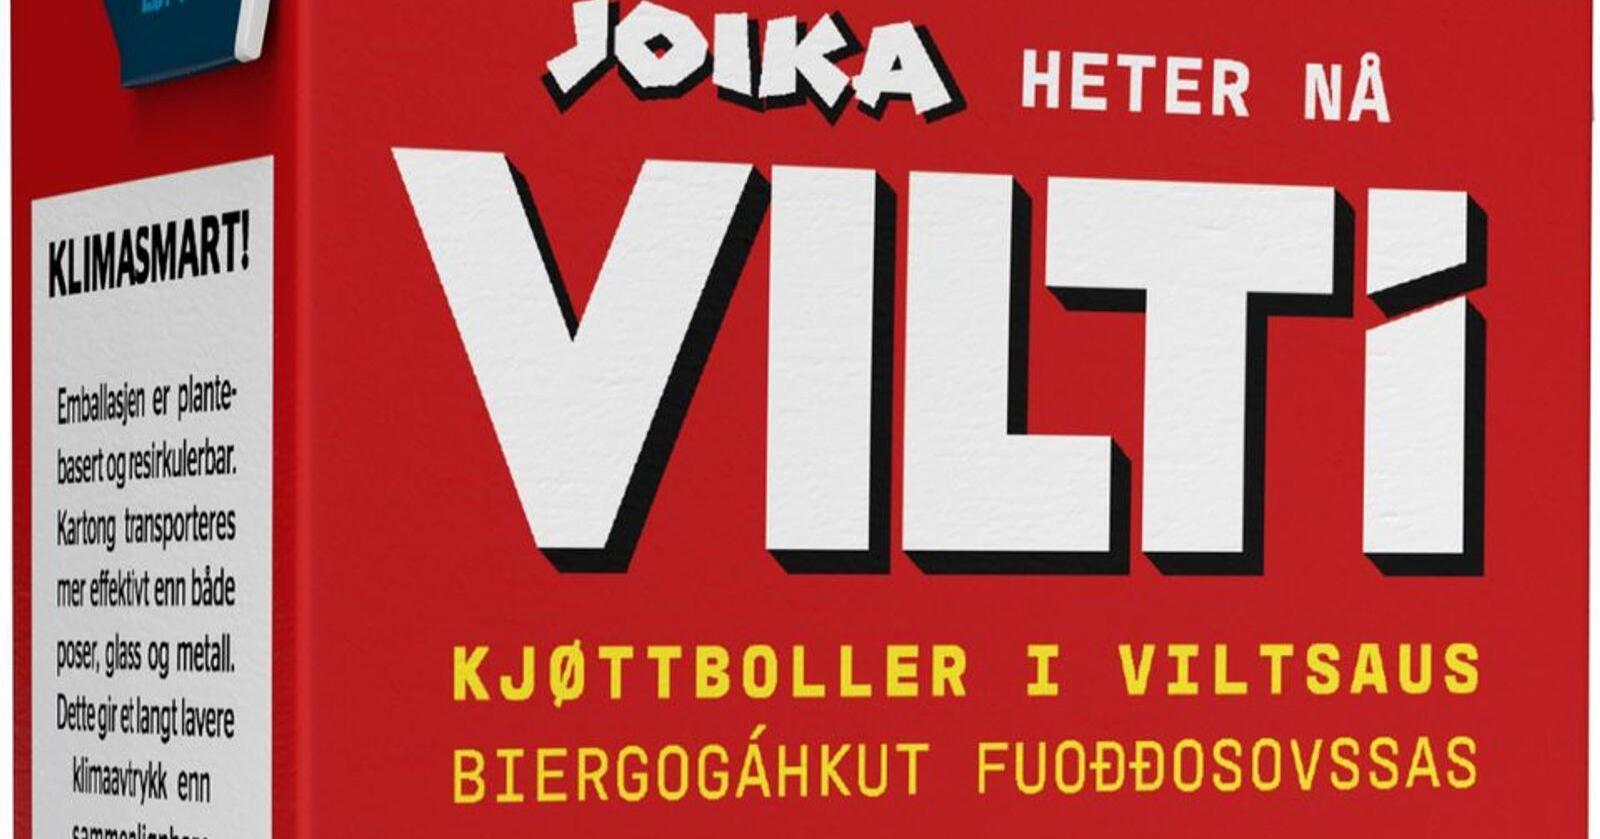 Klassikeren Joika endrer navn til VILTi. Foto: Nortura / NTB